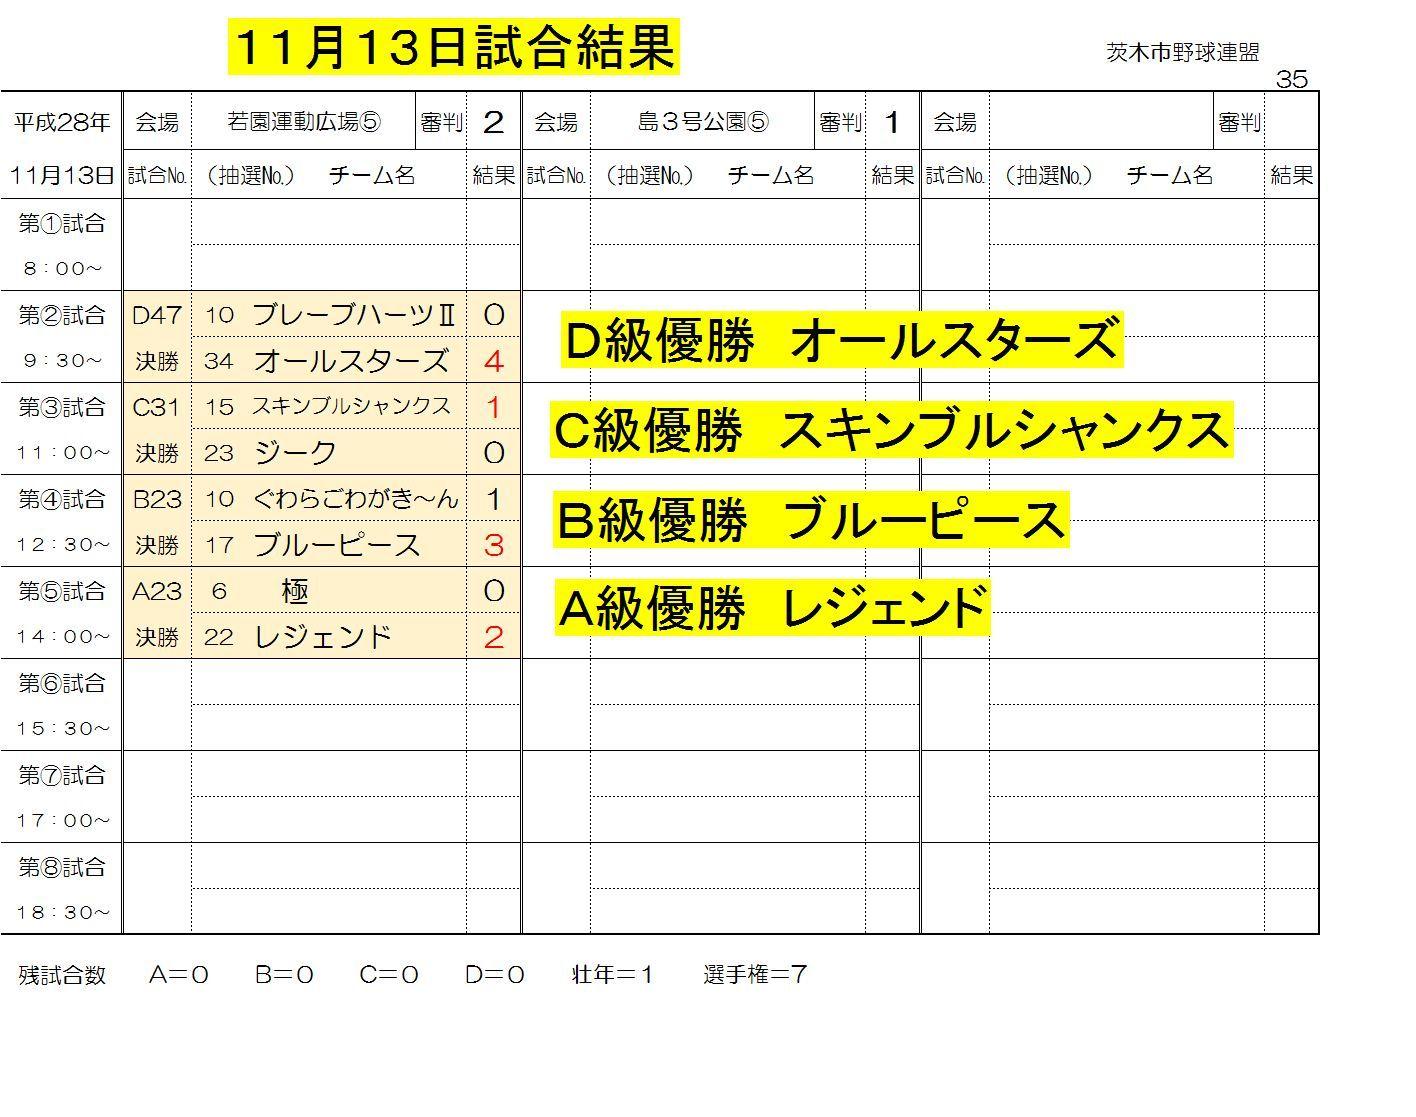 11月13日試合結果 後期大会(一般)